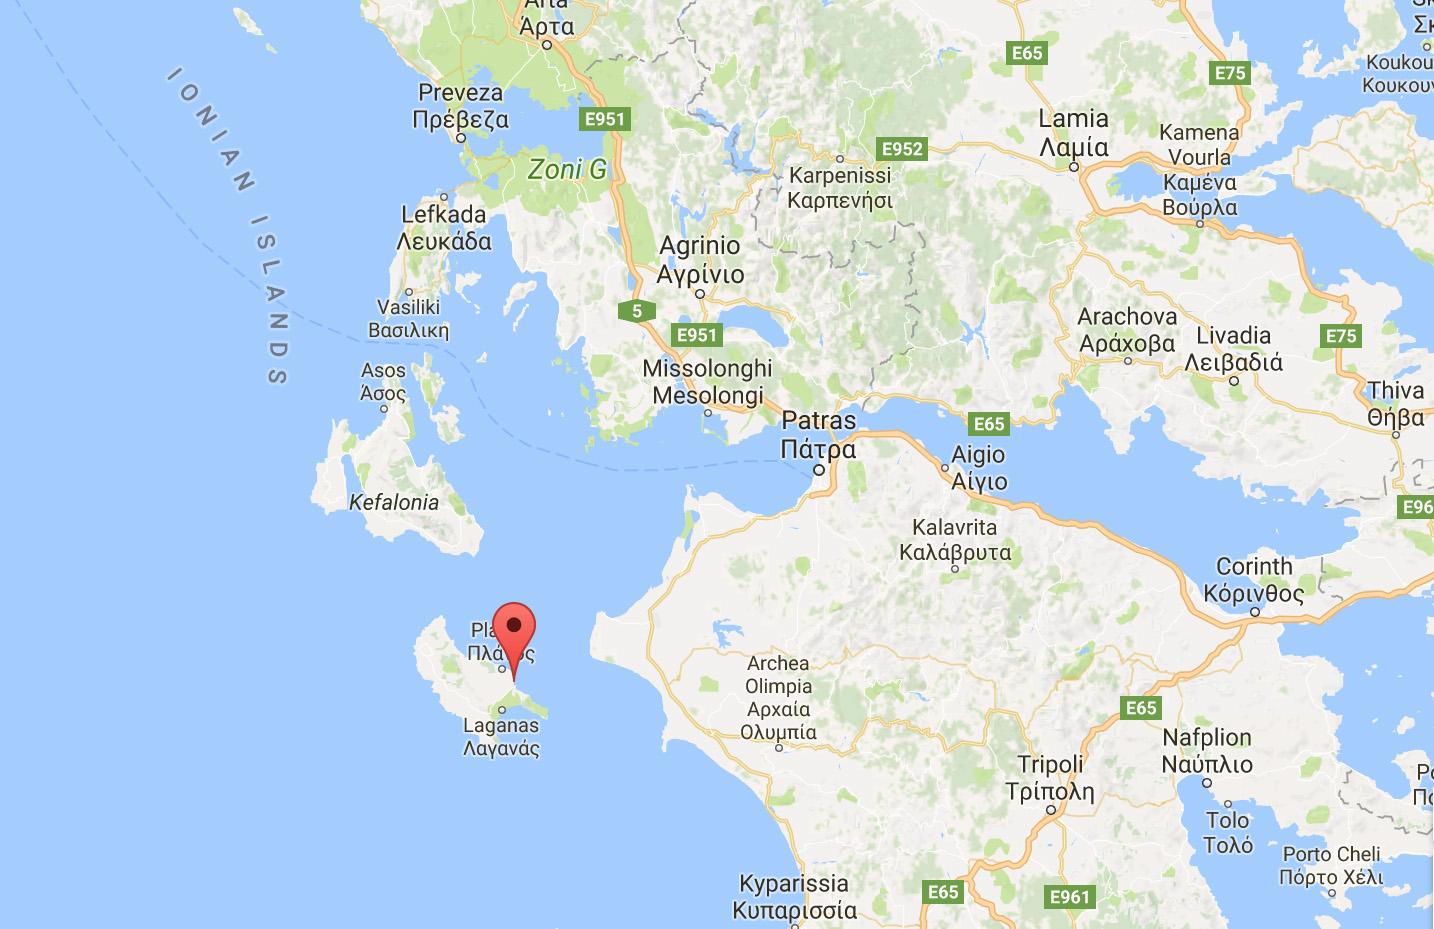 Muitas vezes Como é dirigir nas ilhas gregas - AU08